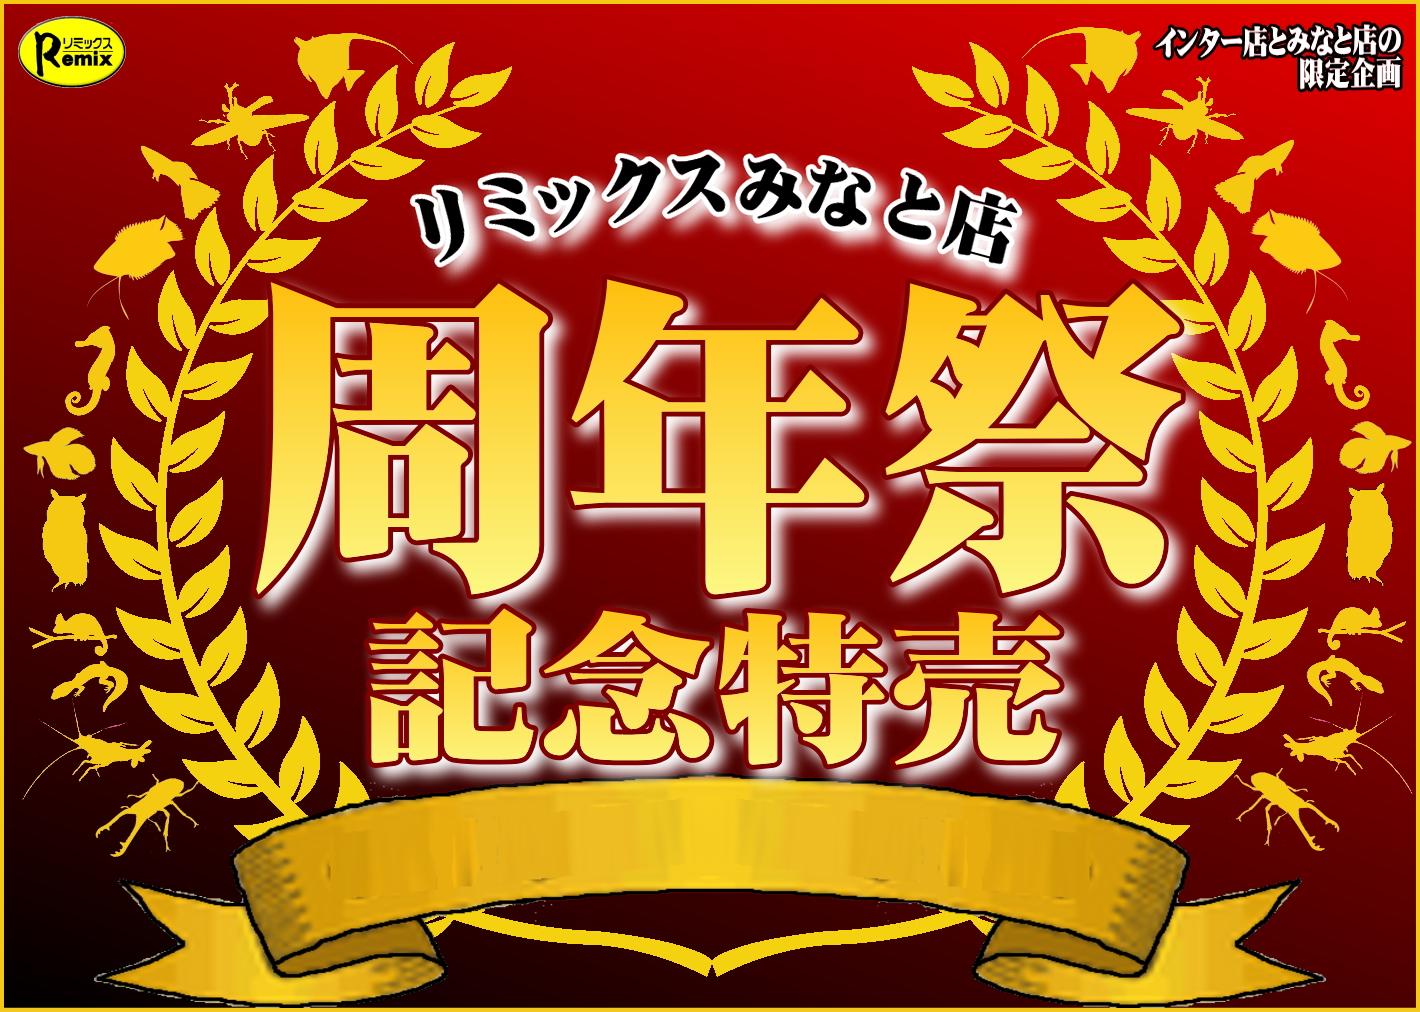 『リミックスみなと店周年祭記念特売』@インター爬虫類